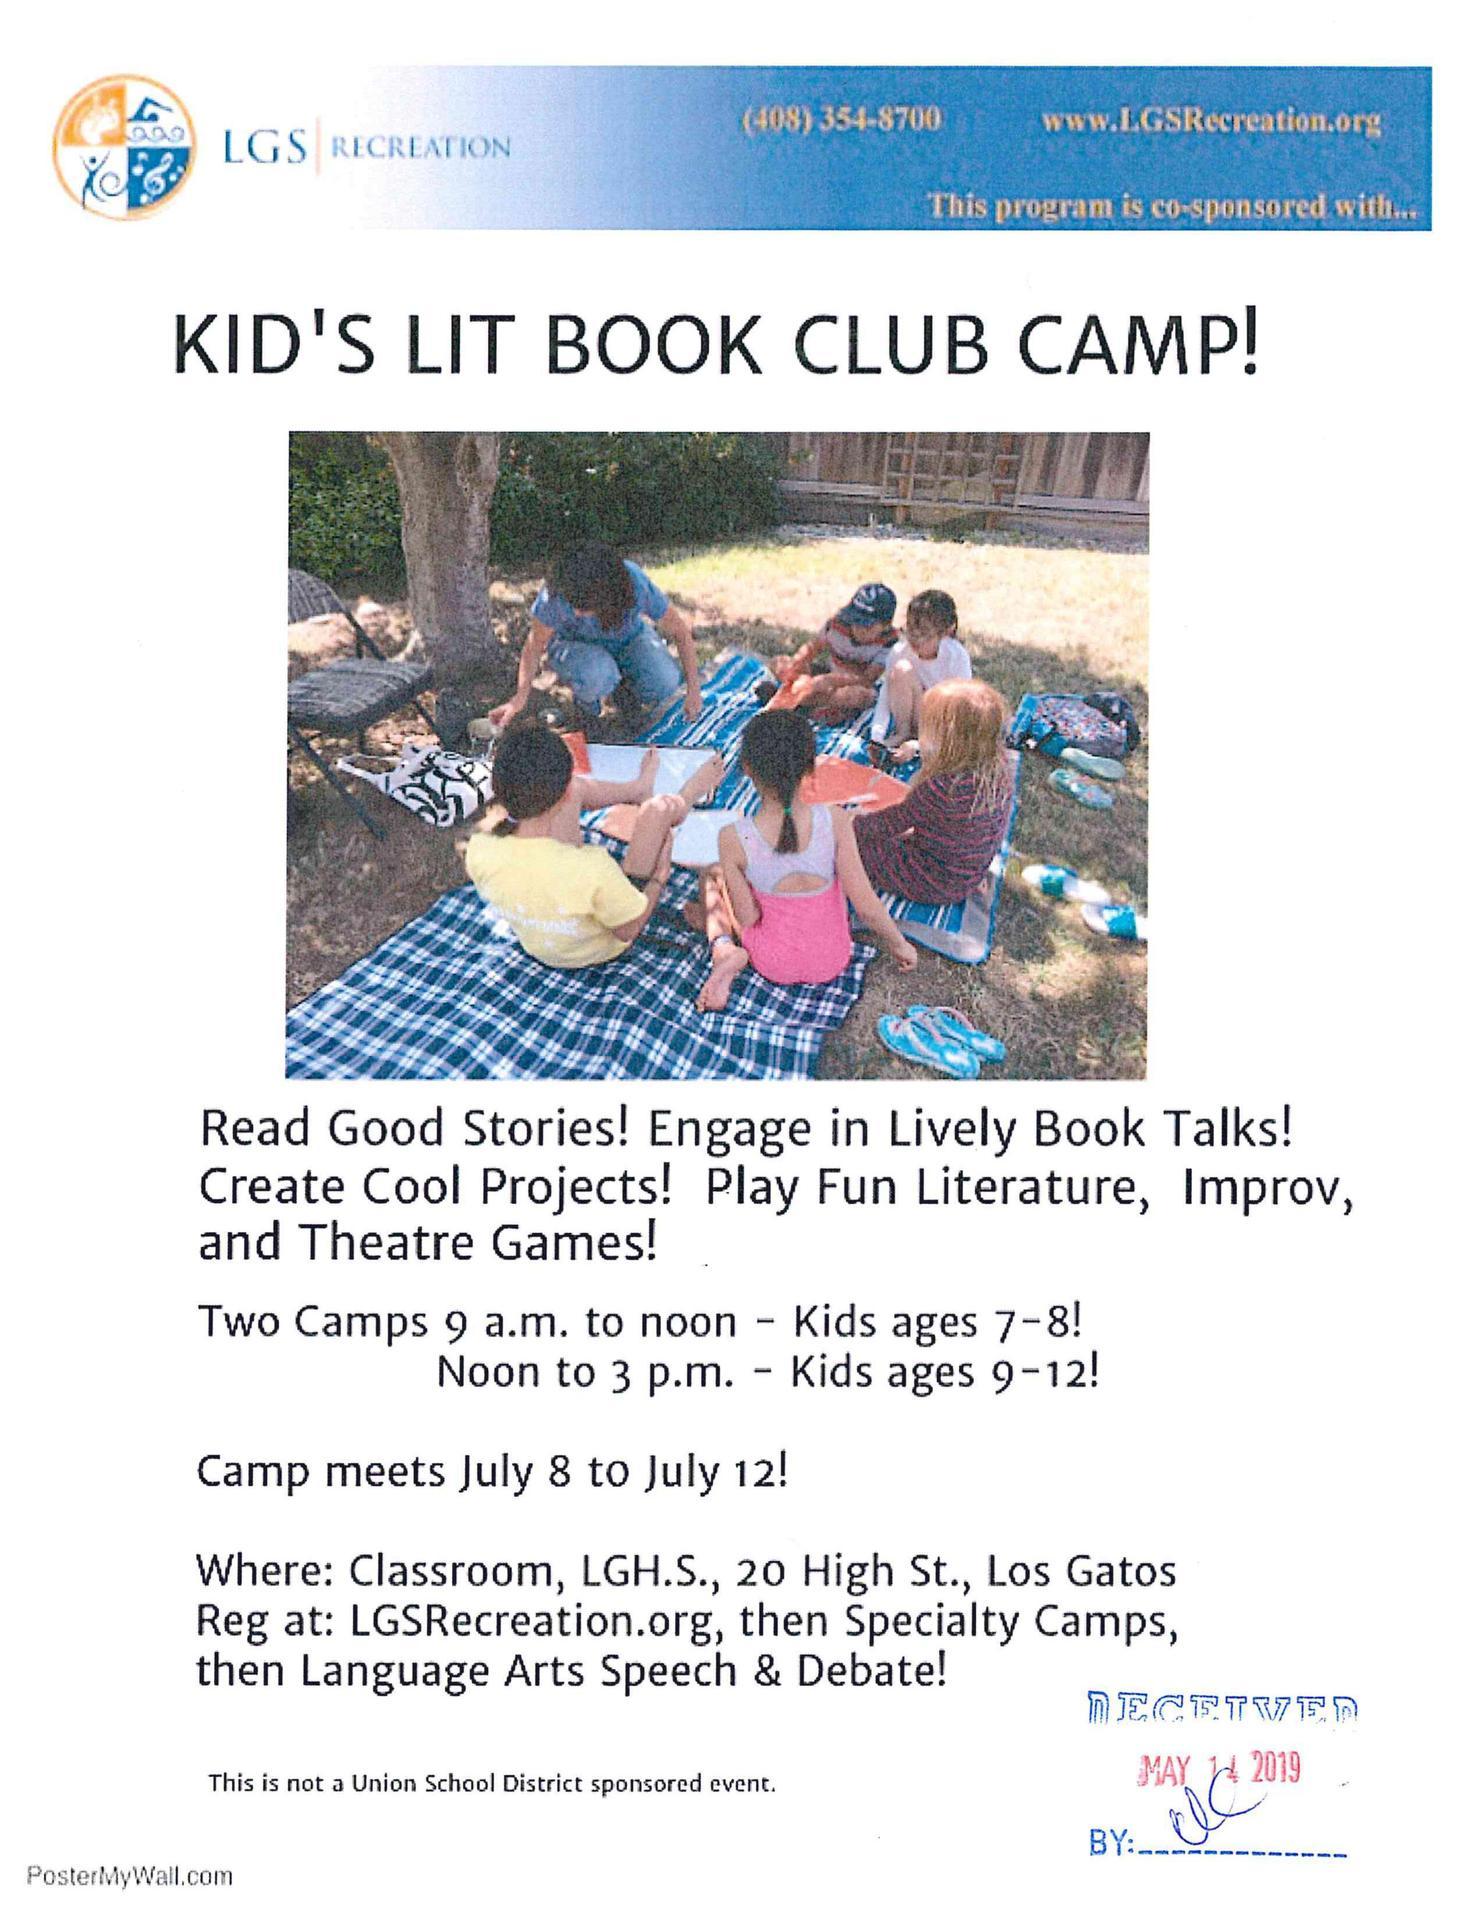 Kids Lit Book Club Camp